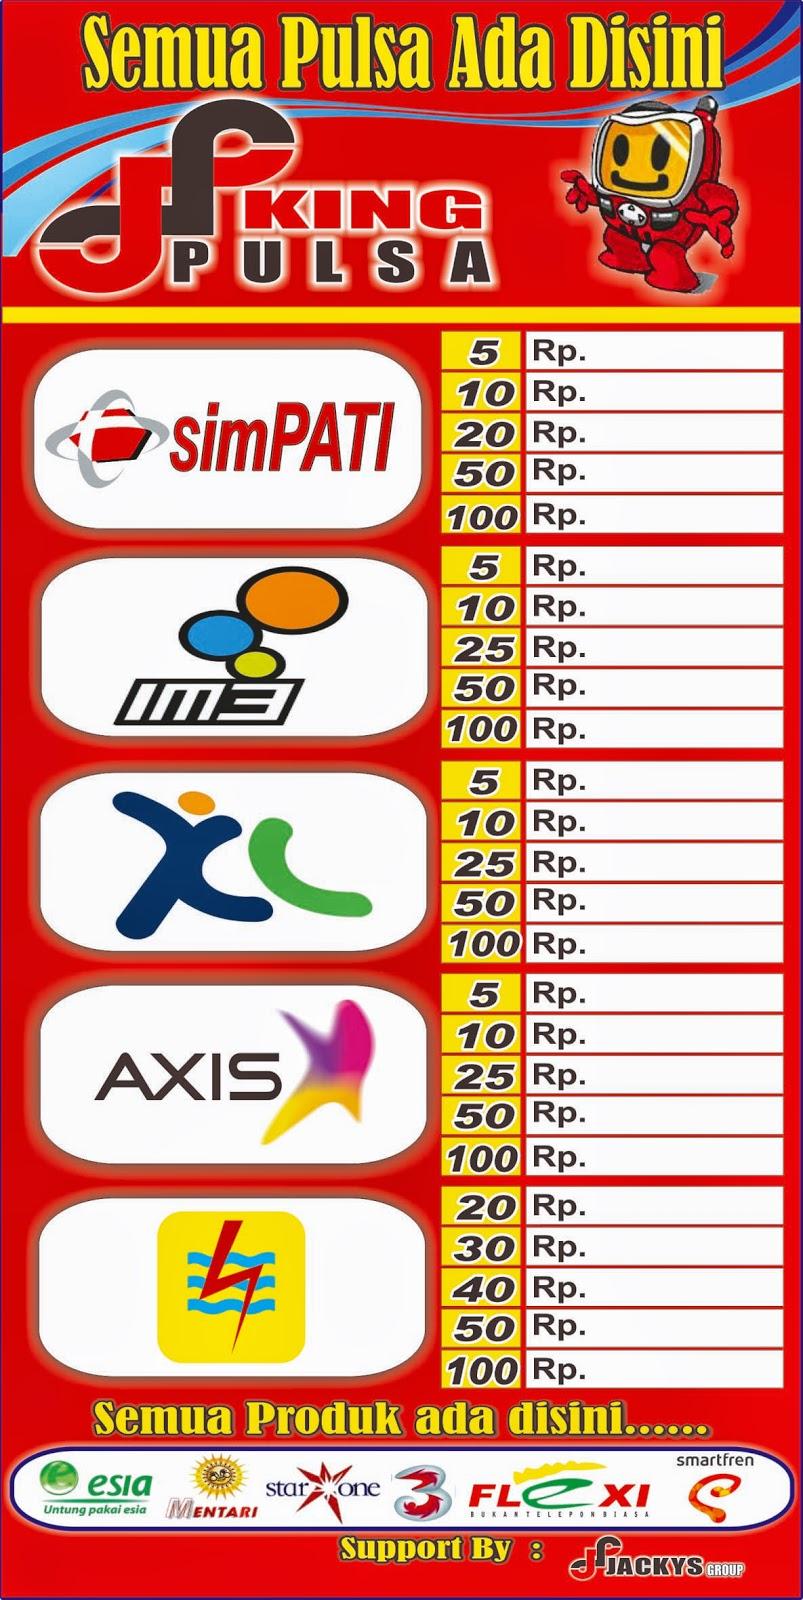 Download Spanduk Jual Pulsa Cdr - desain spanduk keren